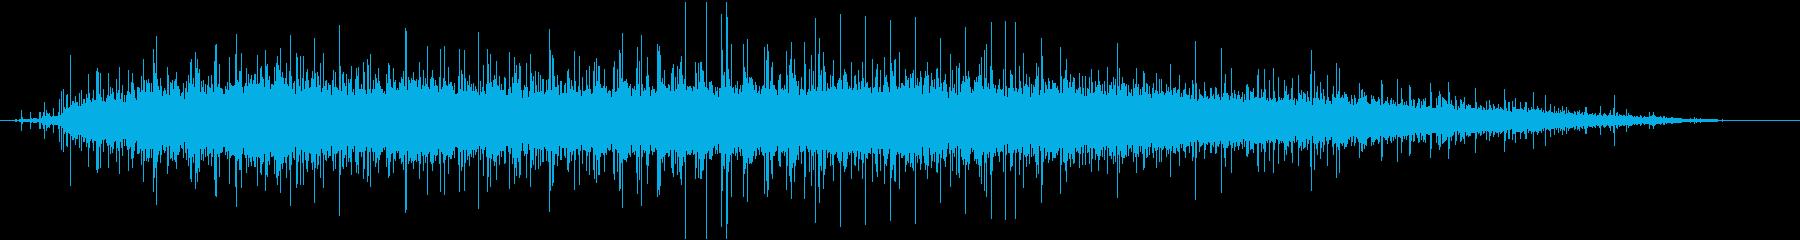 屋内:大規模な拍手拍手拍手と拍手の再生済みの波形